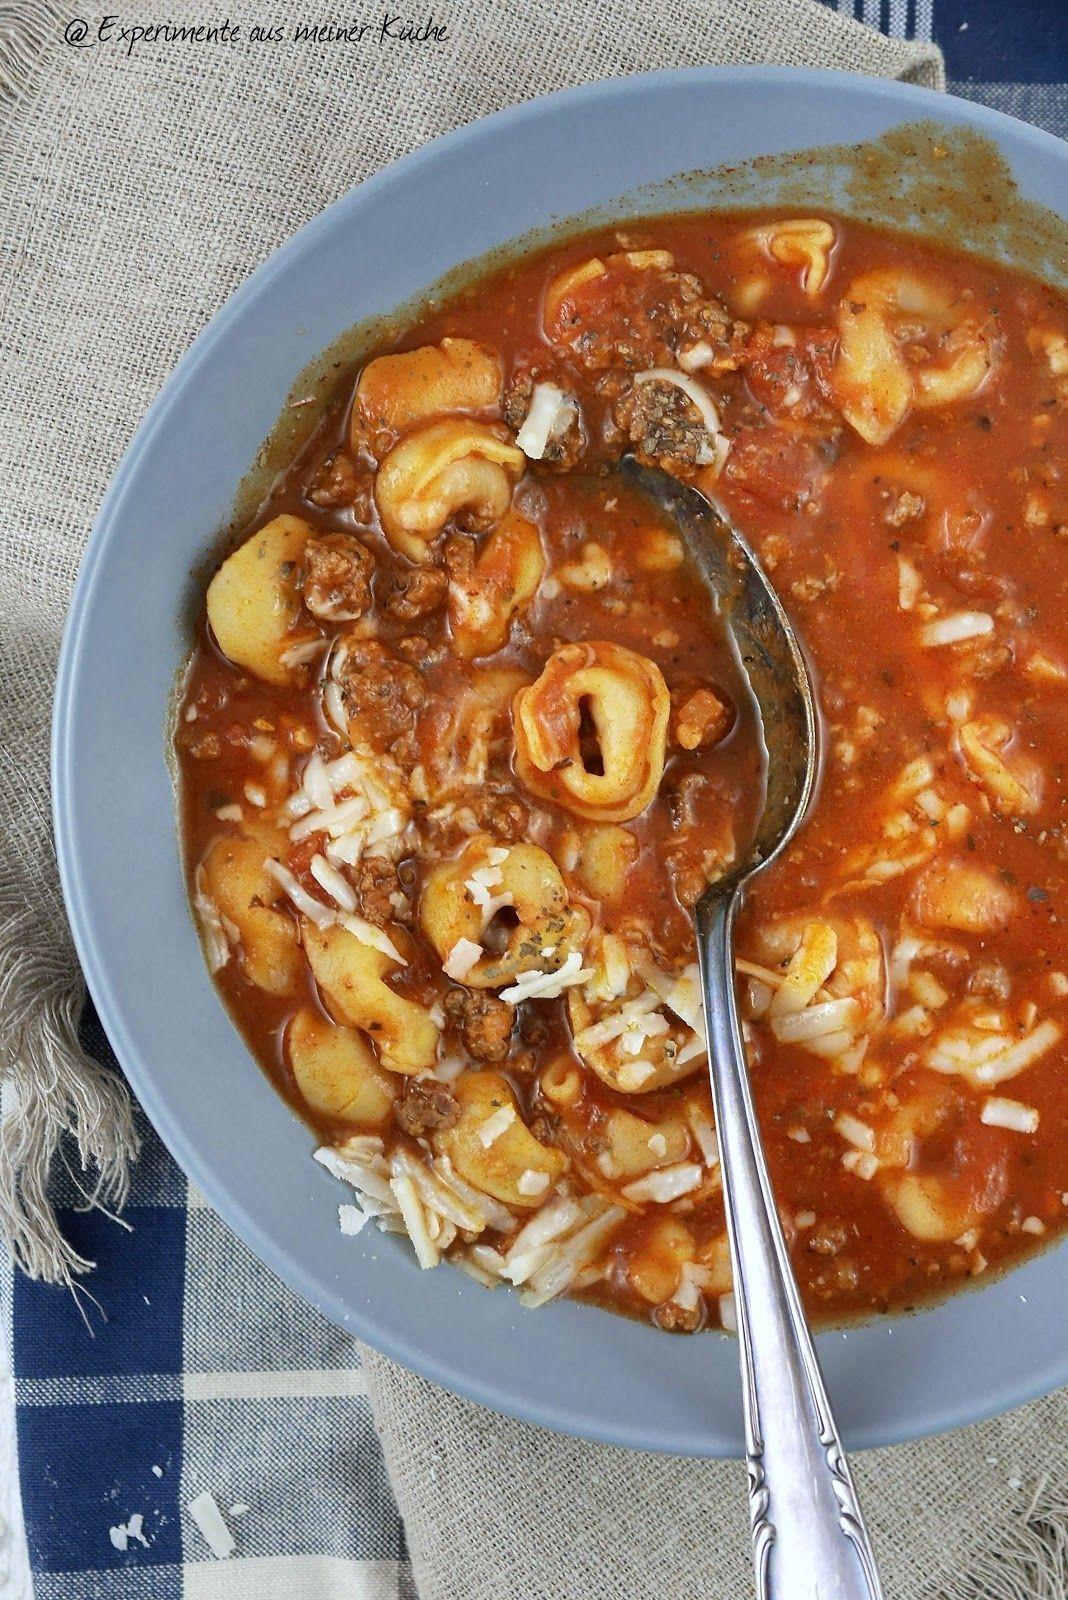 Tortellini Suppe Experimente Aus Meiner Kuche Tortellini Suppe Tortellini Suppe Rezepte Experimente Aus Meiner Kuche